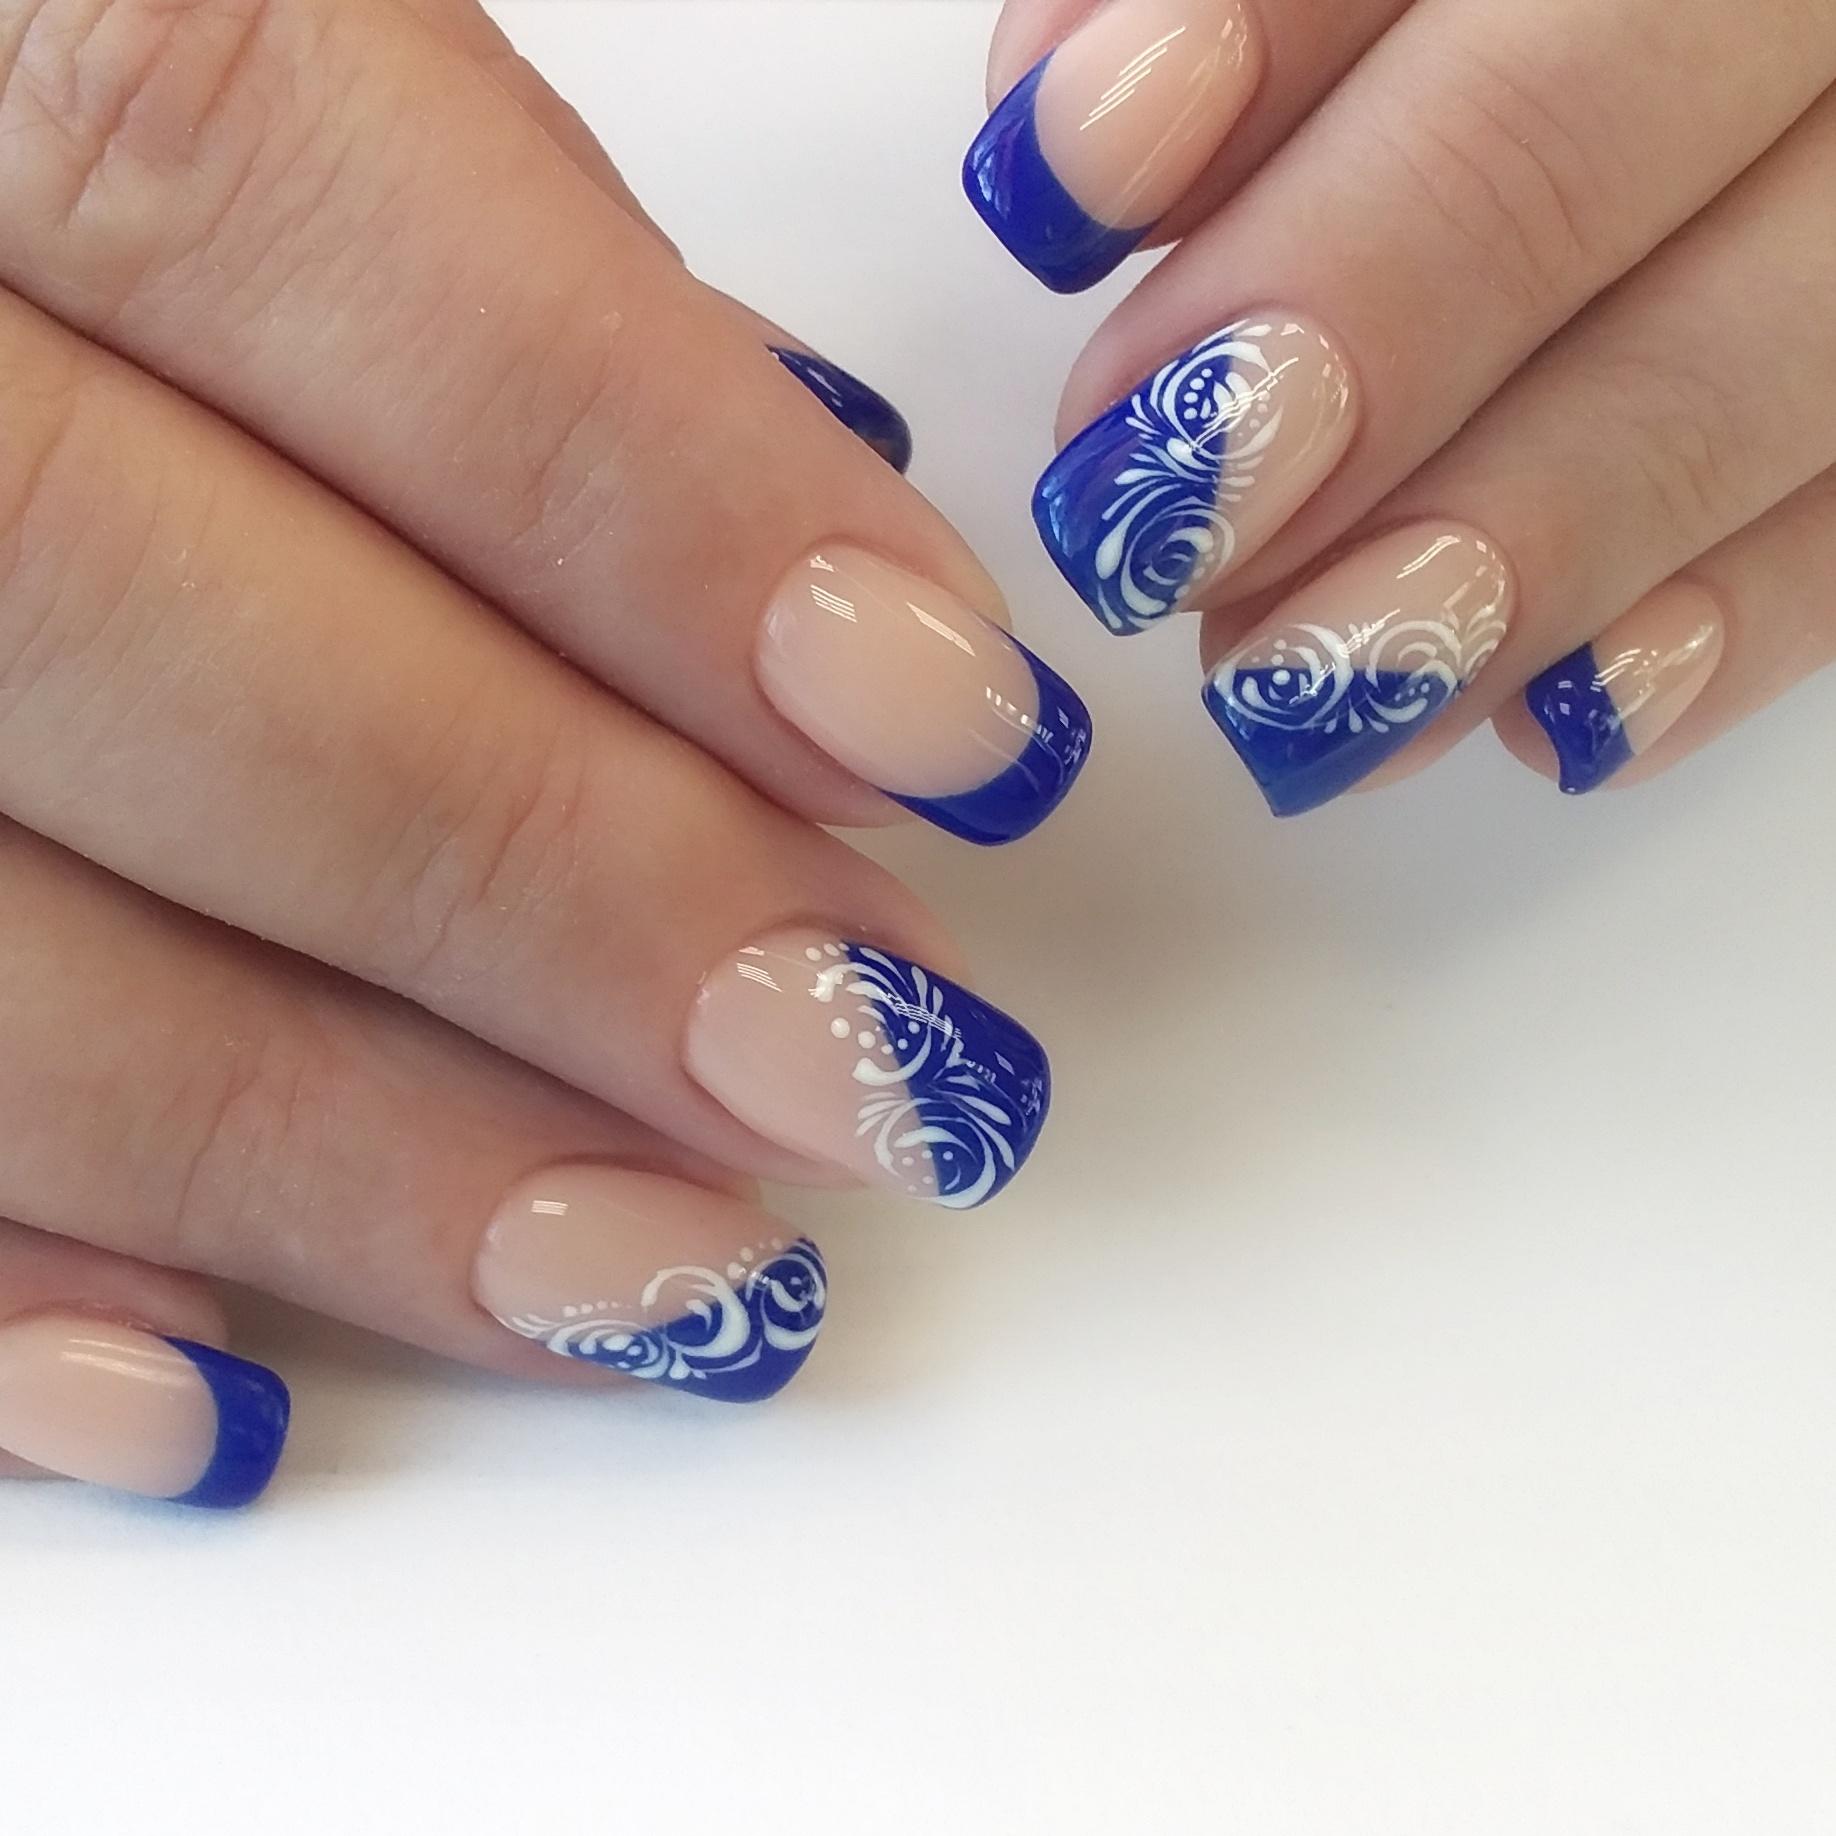 Французский маникюр в синем цвете с белыми вензелями.